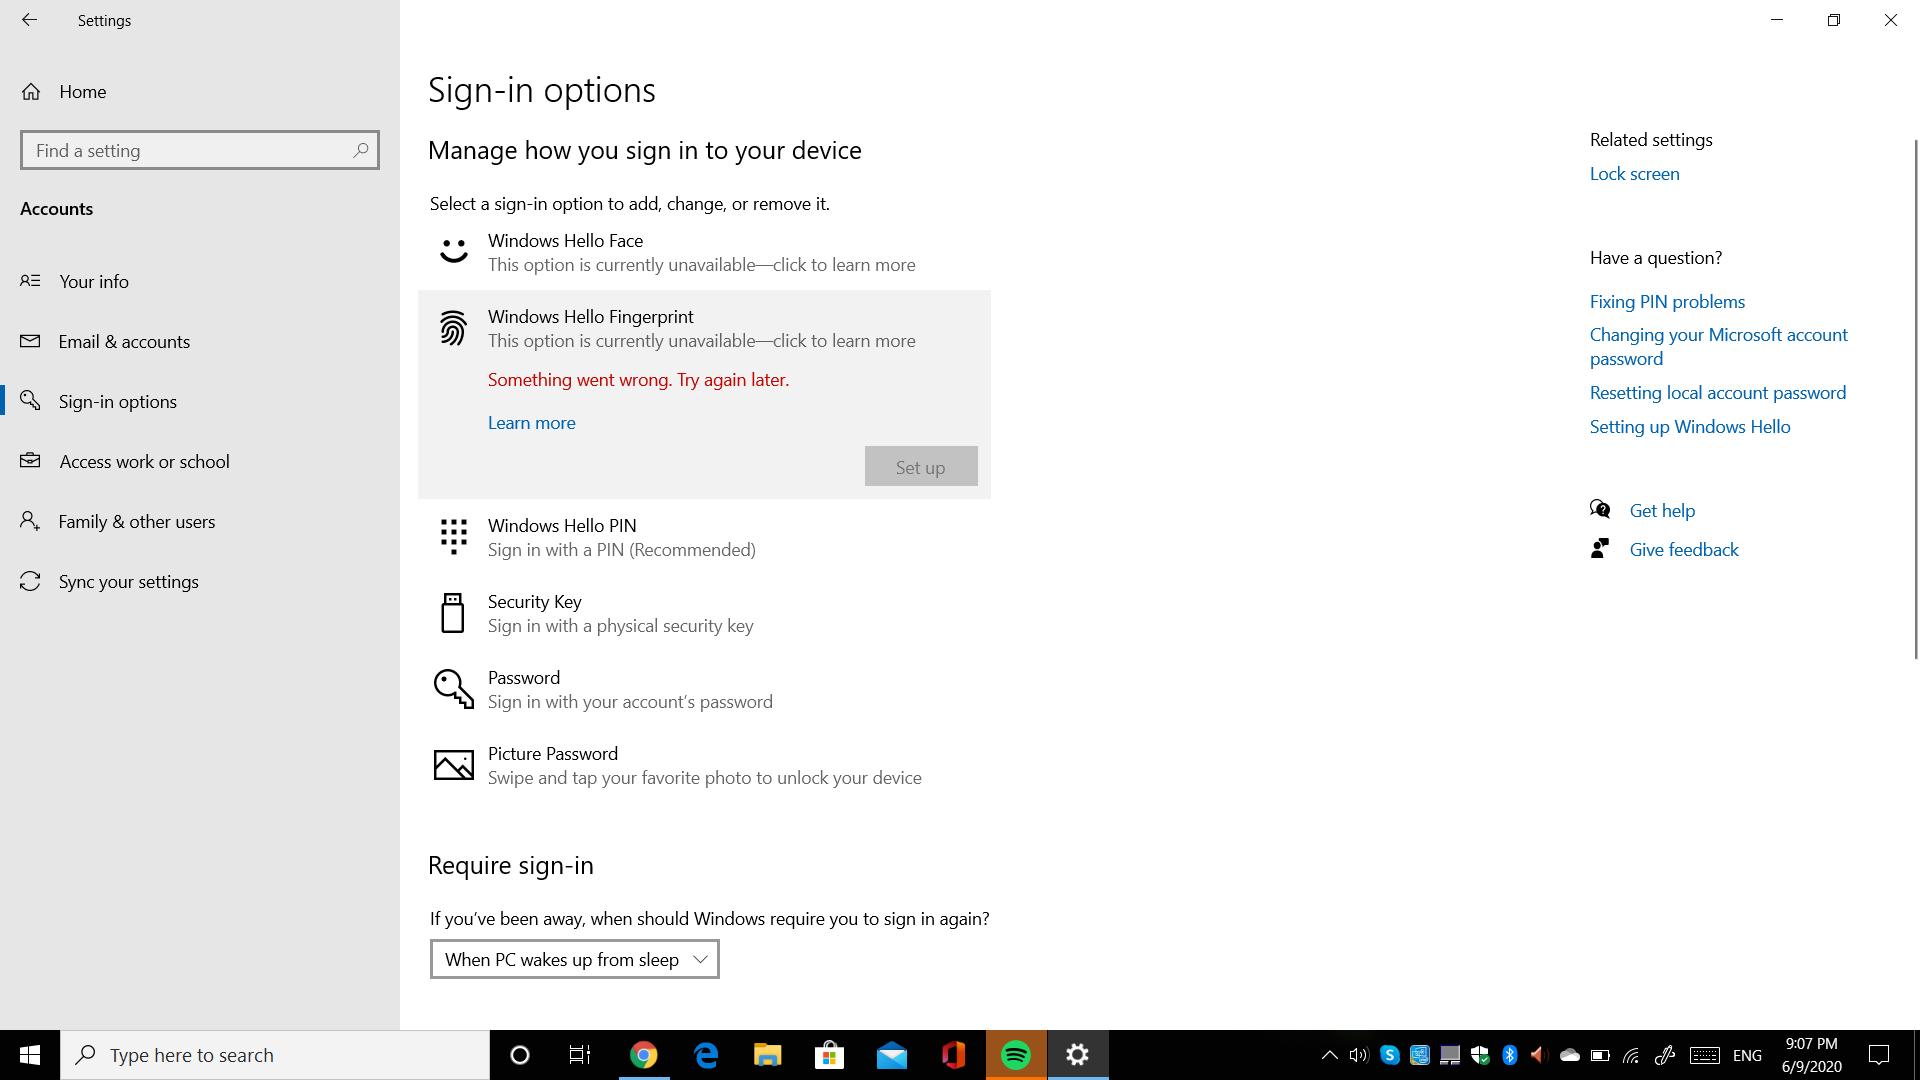 Windows Hello Face and fingerprint error 951adfc3-d5bb-468c-9bb0-414b94819f0d?upload=true.png